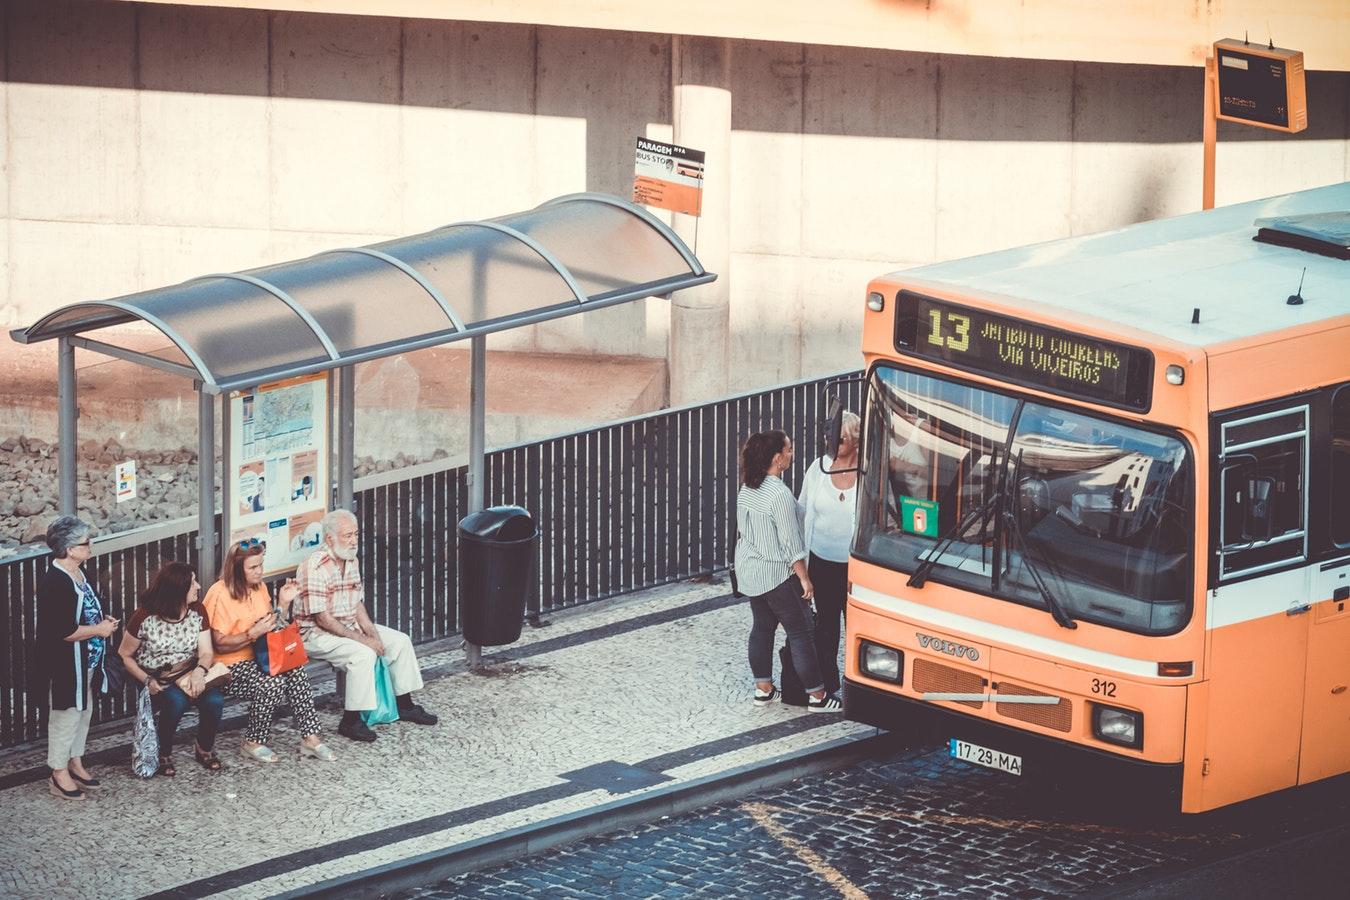 Non driving seniors waiting at a bus stop.